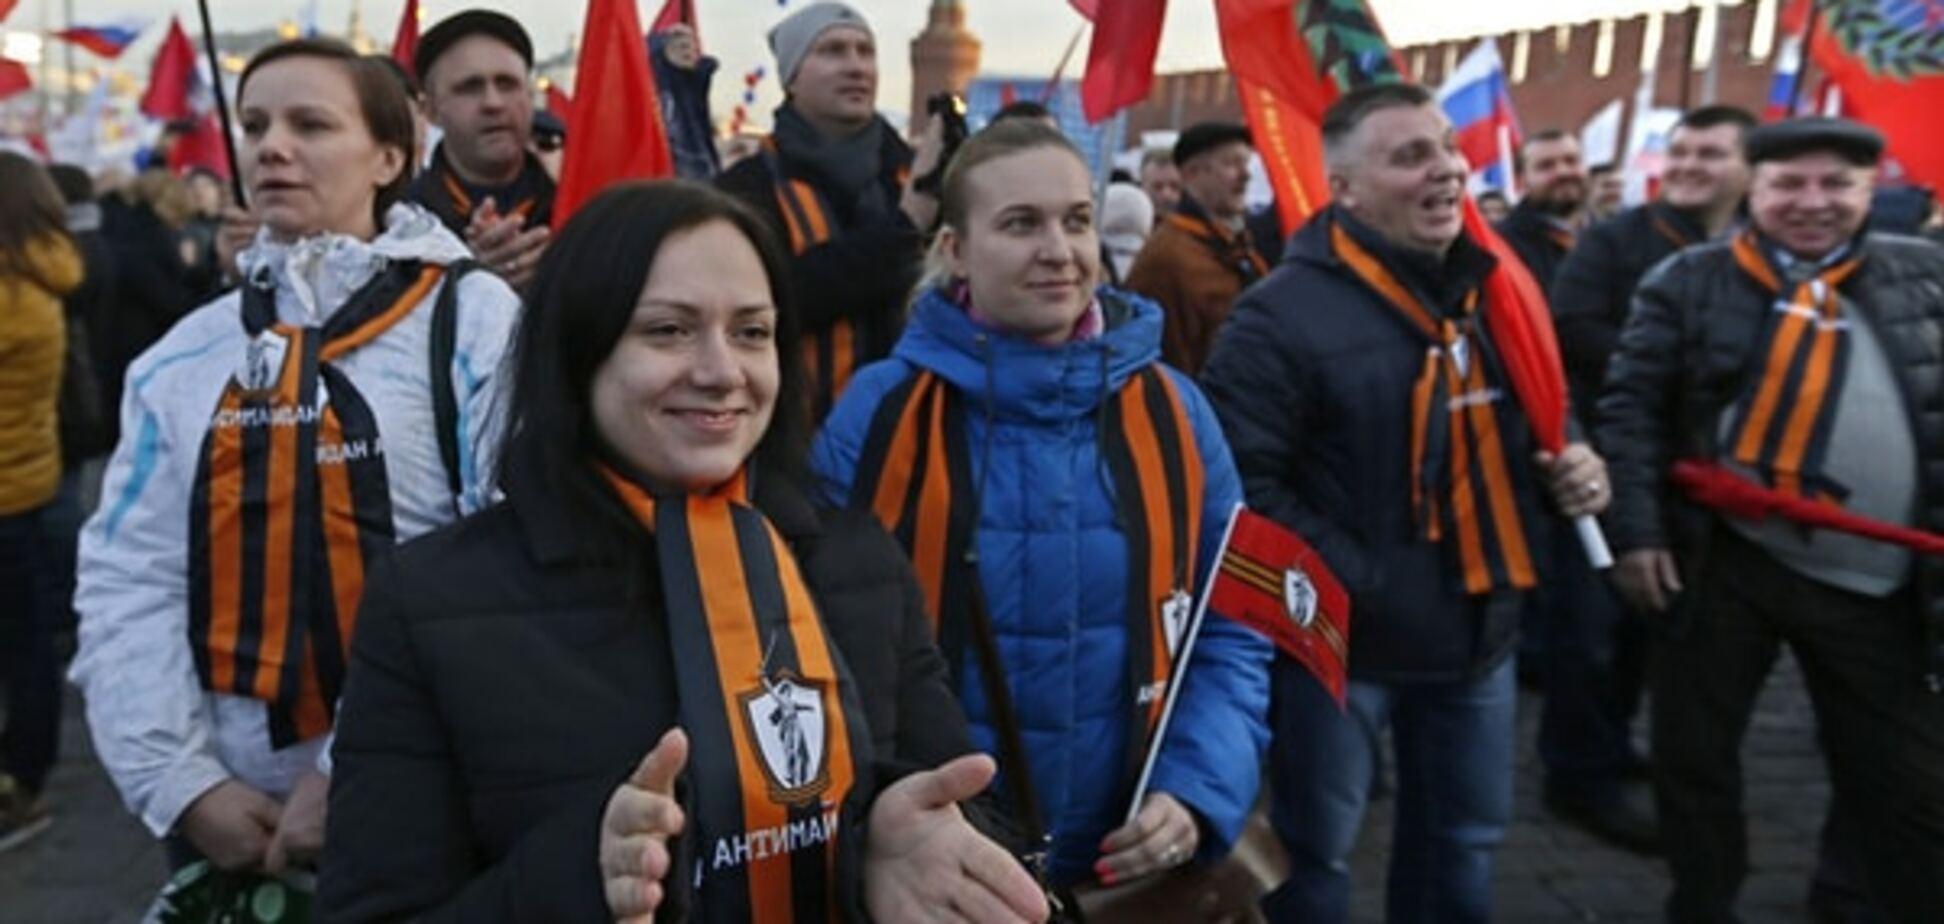 Киселев объяснил, в чем успех российской пропаганды